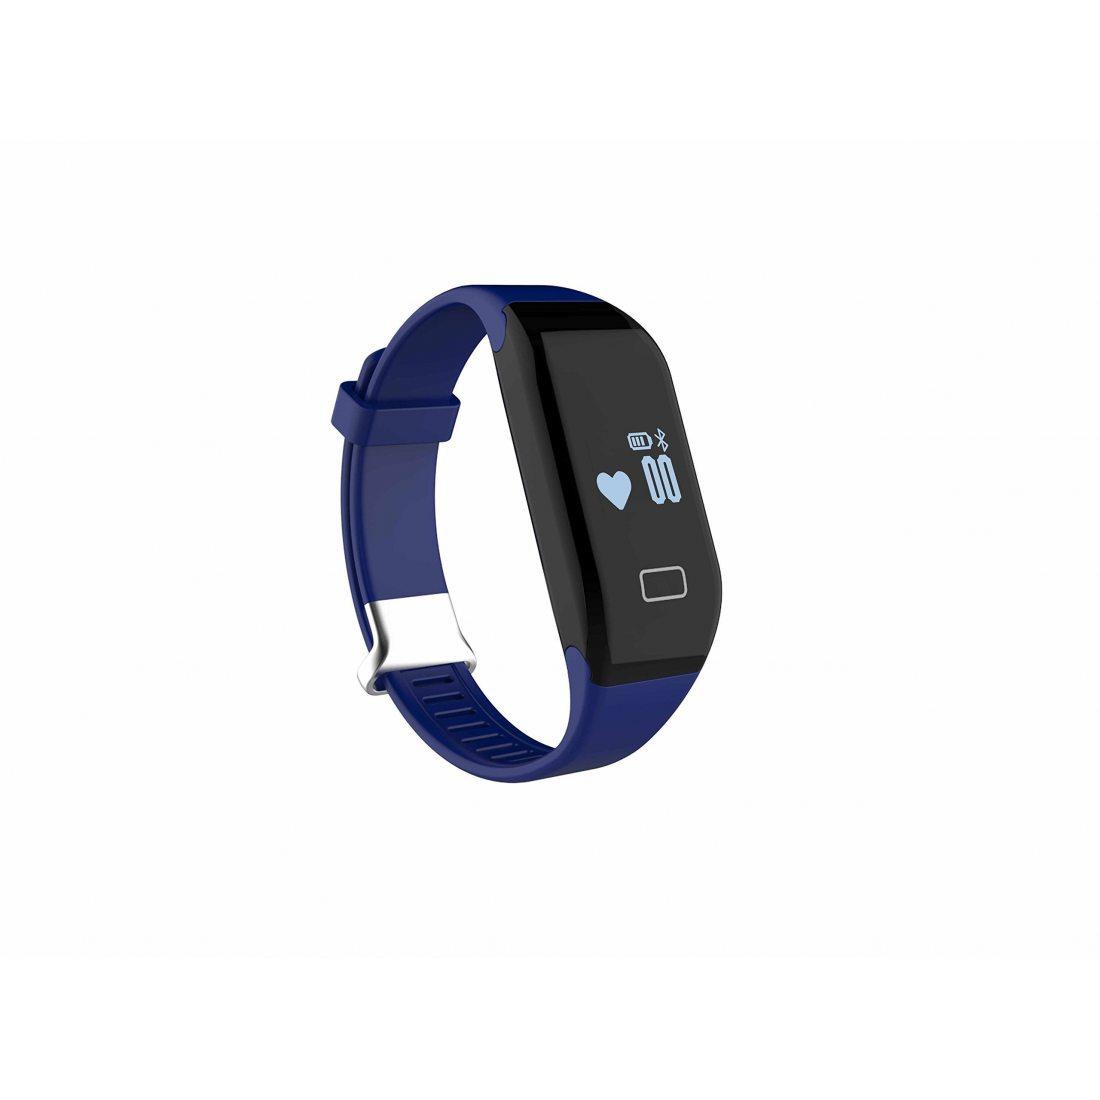 Storex SB-15 Tracker d'activité Bleu